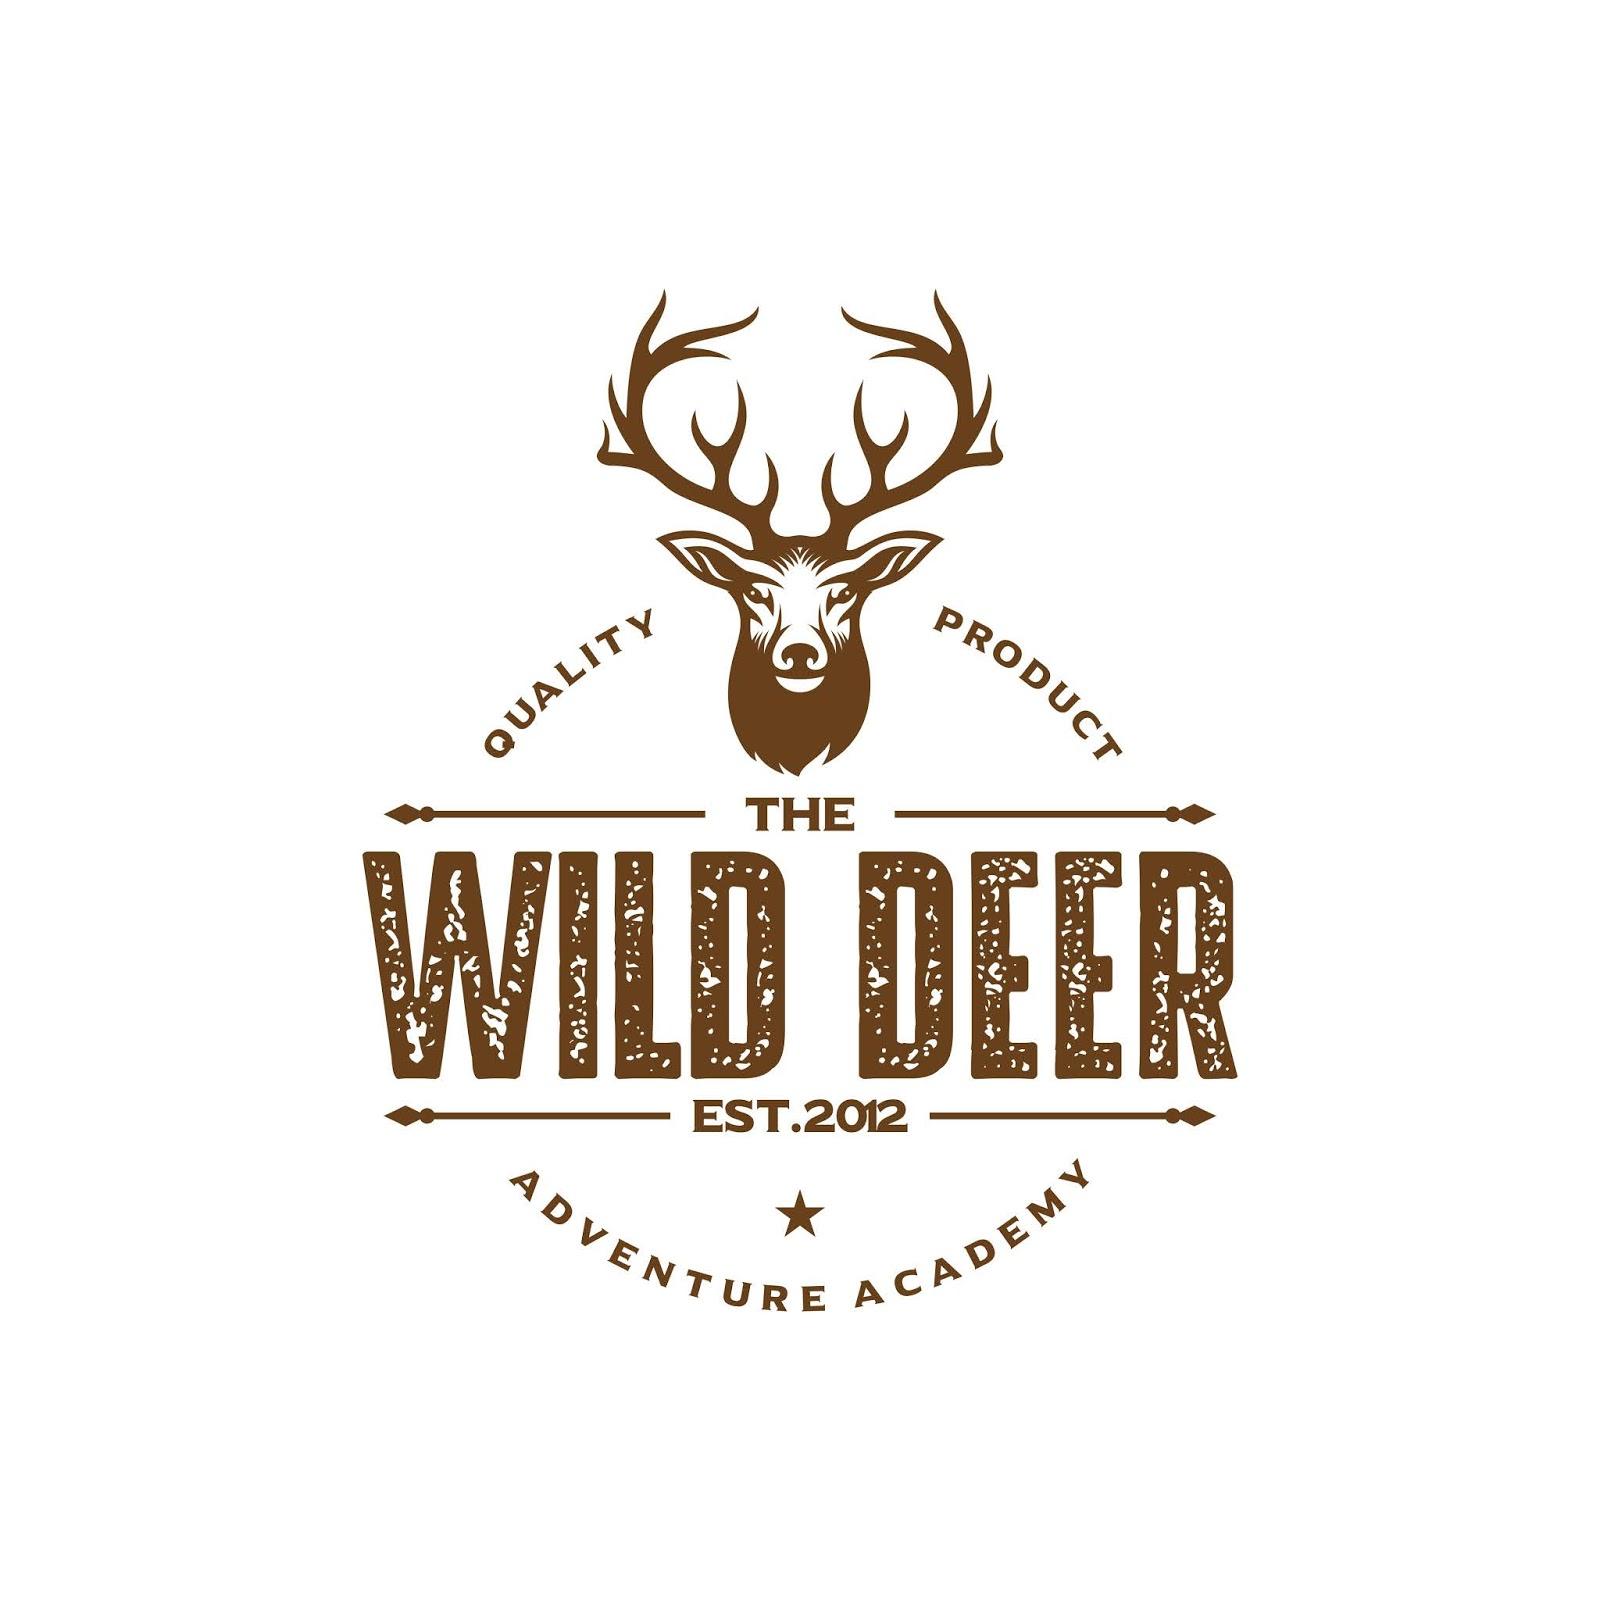 Vintage Deer Hunter Logo Design Free Download Vector CDR, AI, EPS and PNG Formats